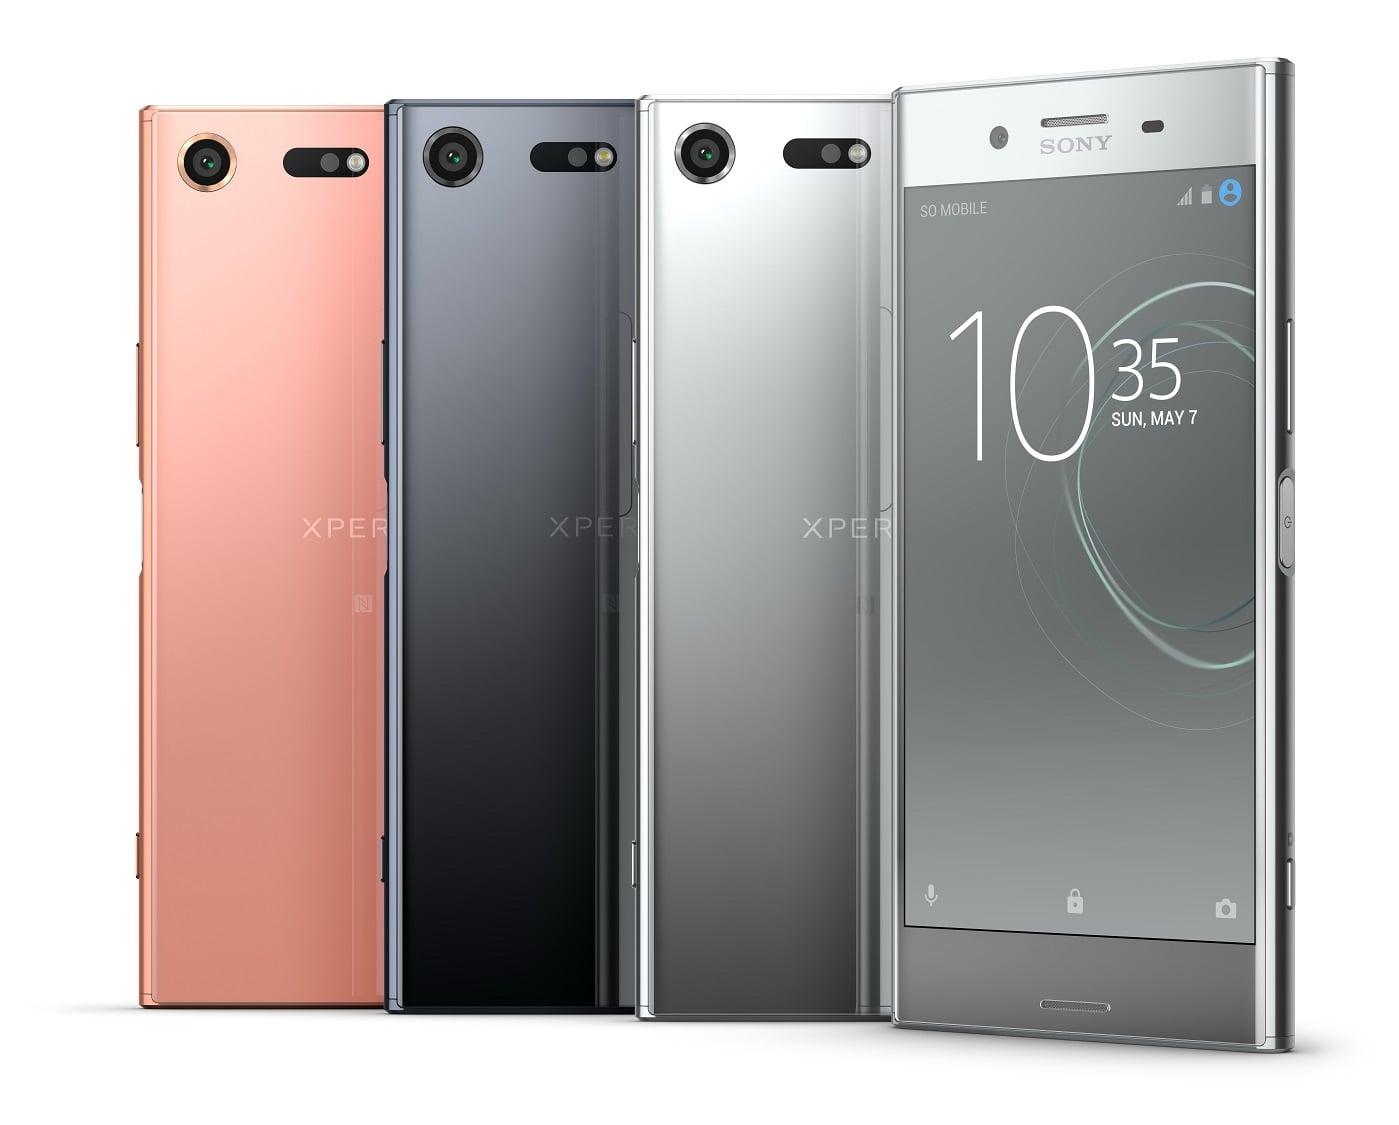 Tabletowo.pl Wiemy, co będzie dodawane jako gratis do Sony Xperia XZ Premium Akcesoria Plotki / Przecieki Smartfony Sony